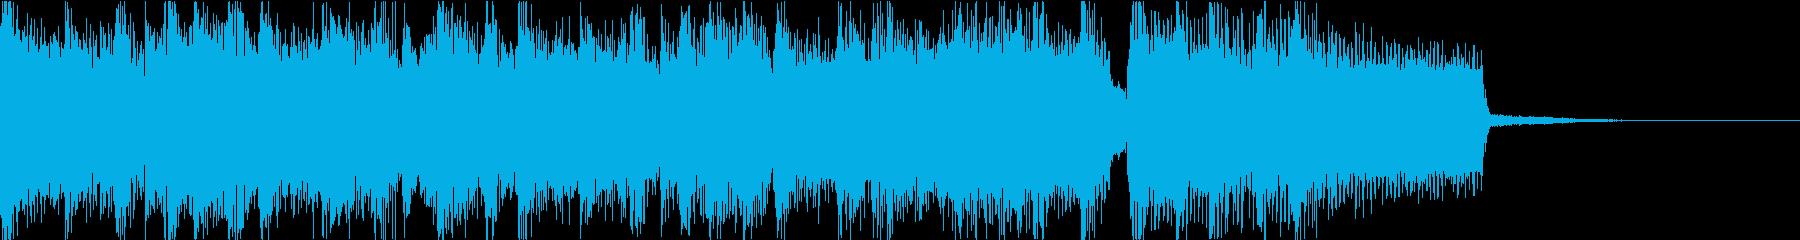 激しいゴリゴリロック♪バトル♪ジングル4の再生済みの波形